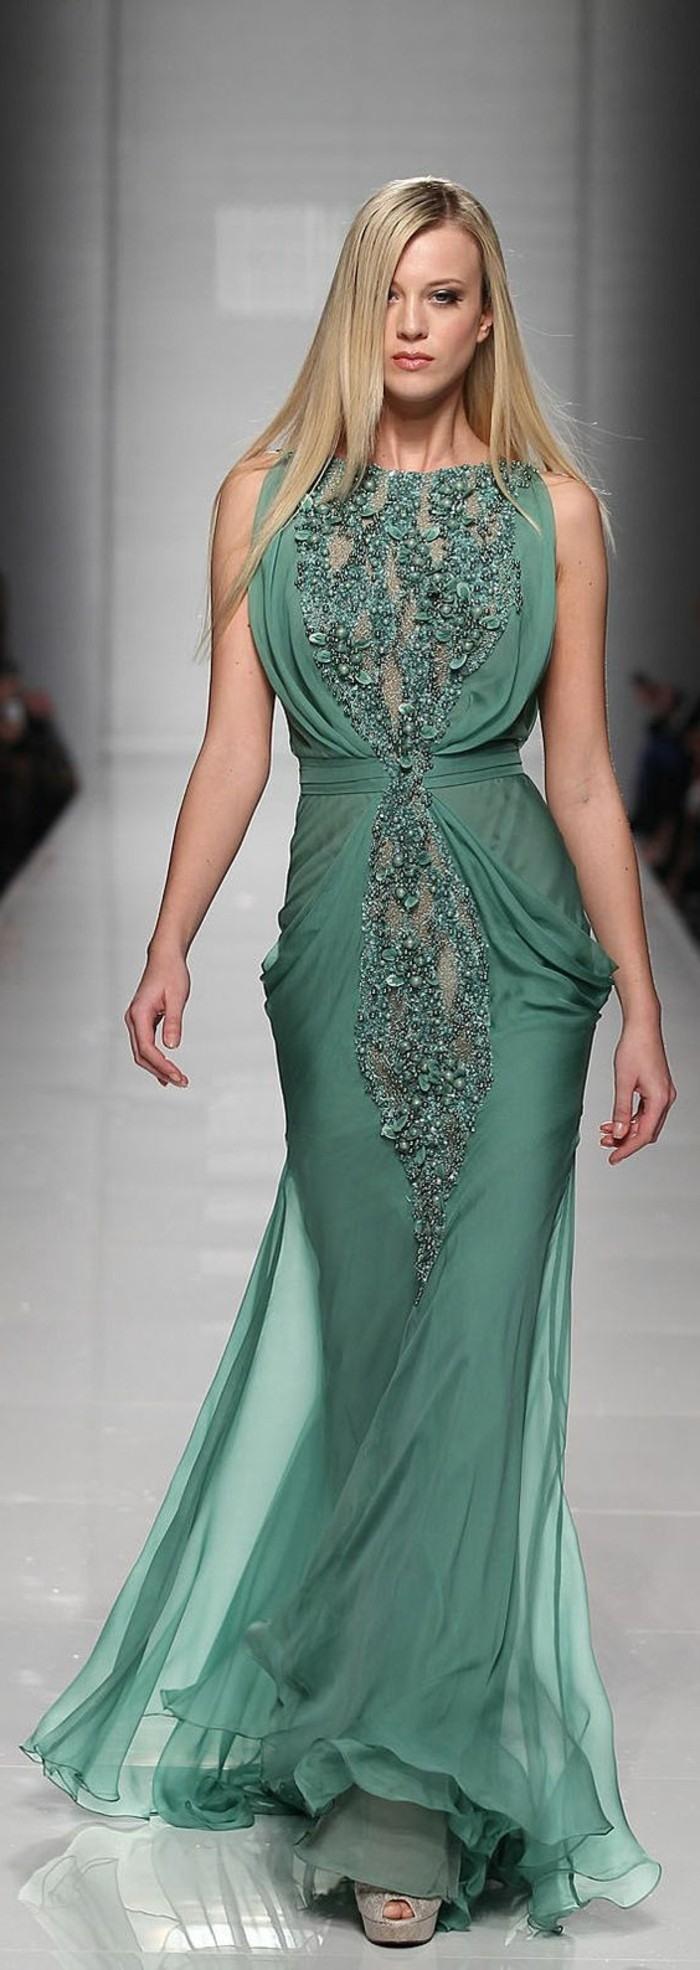 15 Schön Elegante Kleider Grün Bester PreisDesigner Schön Elegante Kleider Grün Bester Preis